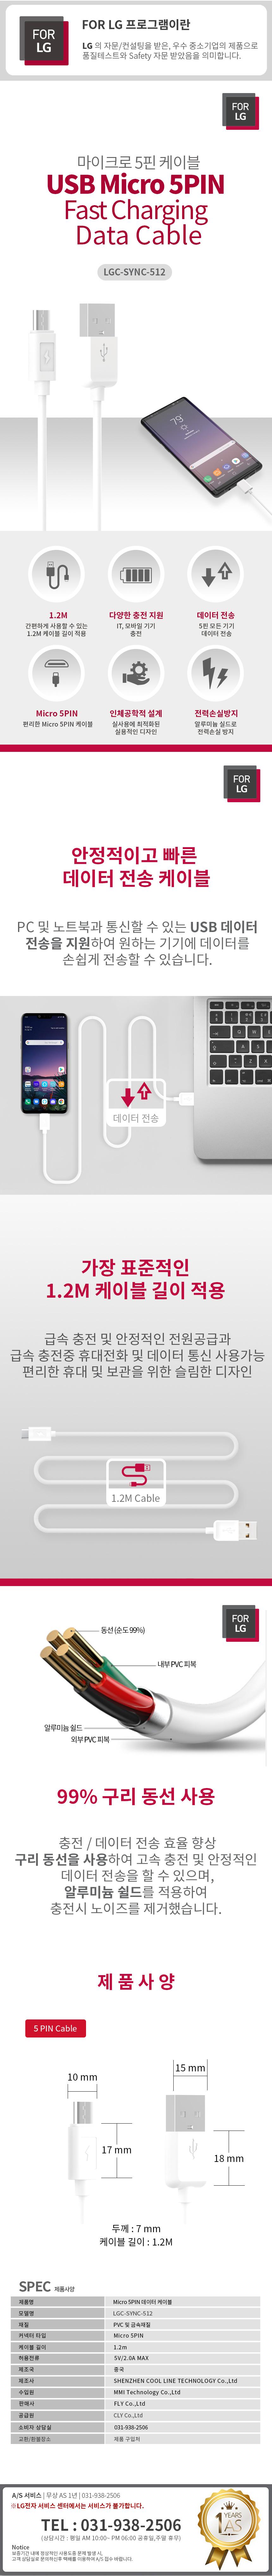 엠엠아이테크놀로지 FOR LG 마이크로 5핀 충전 케이블 (LGC-SYNC-512) (1.2m)